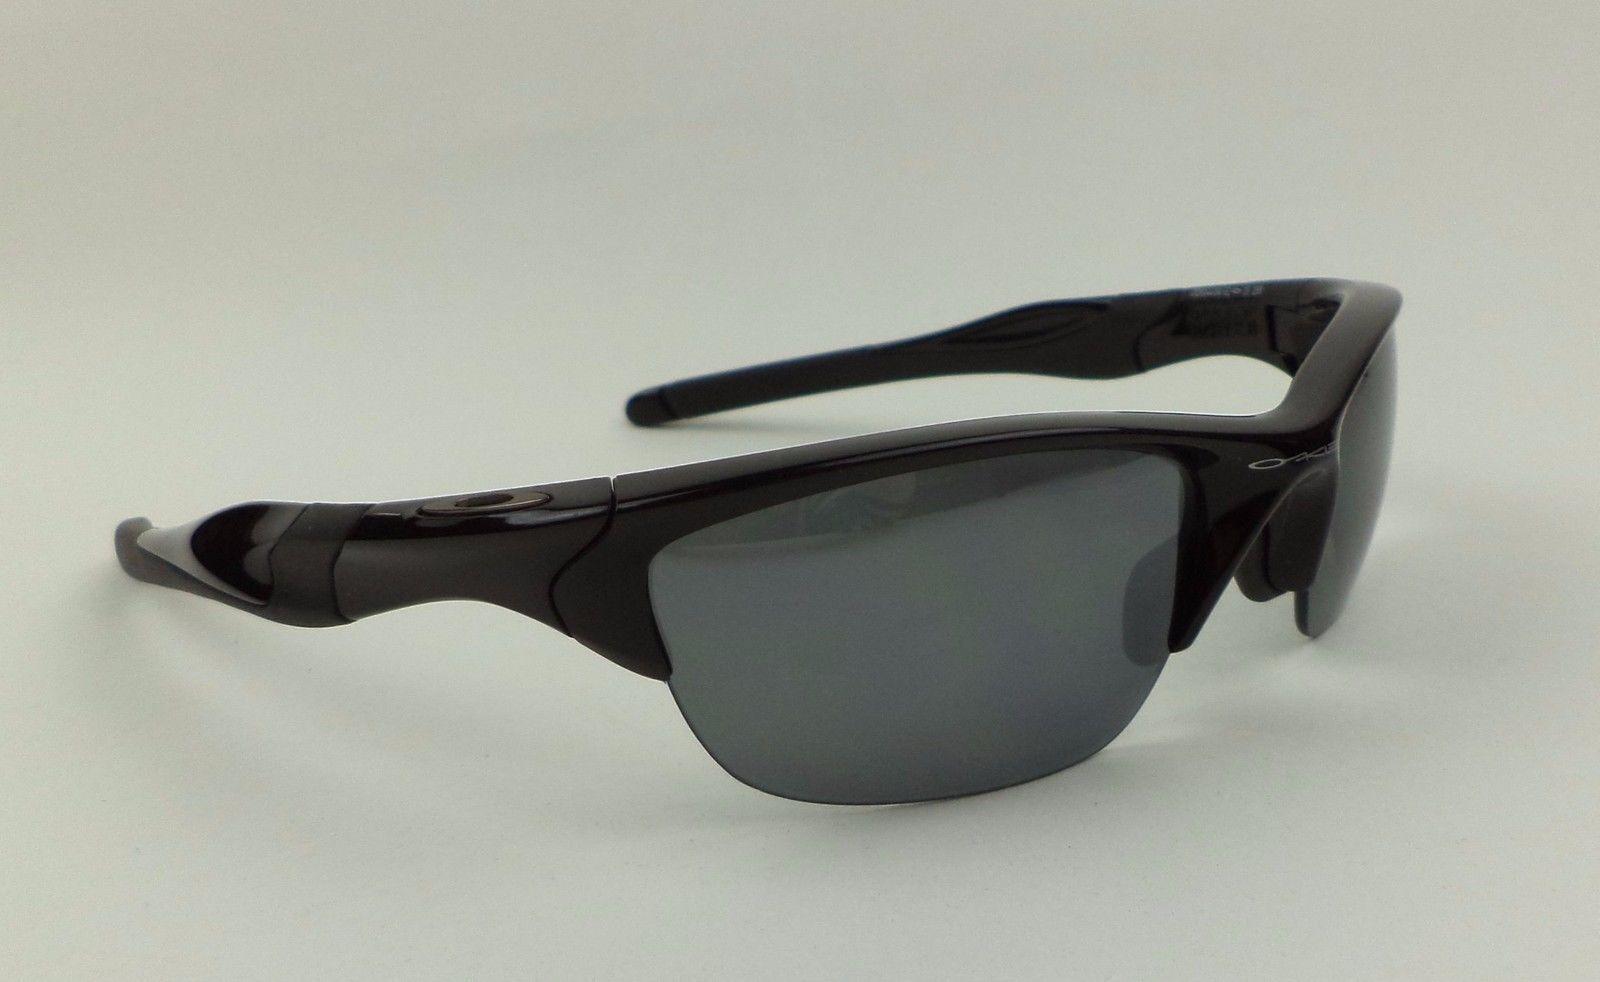 5378e51949c0 Oakley Half Jacket 2.0 Polarized Polished Black Iridium Sunglasses ...